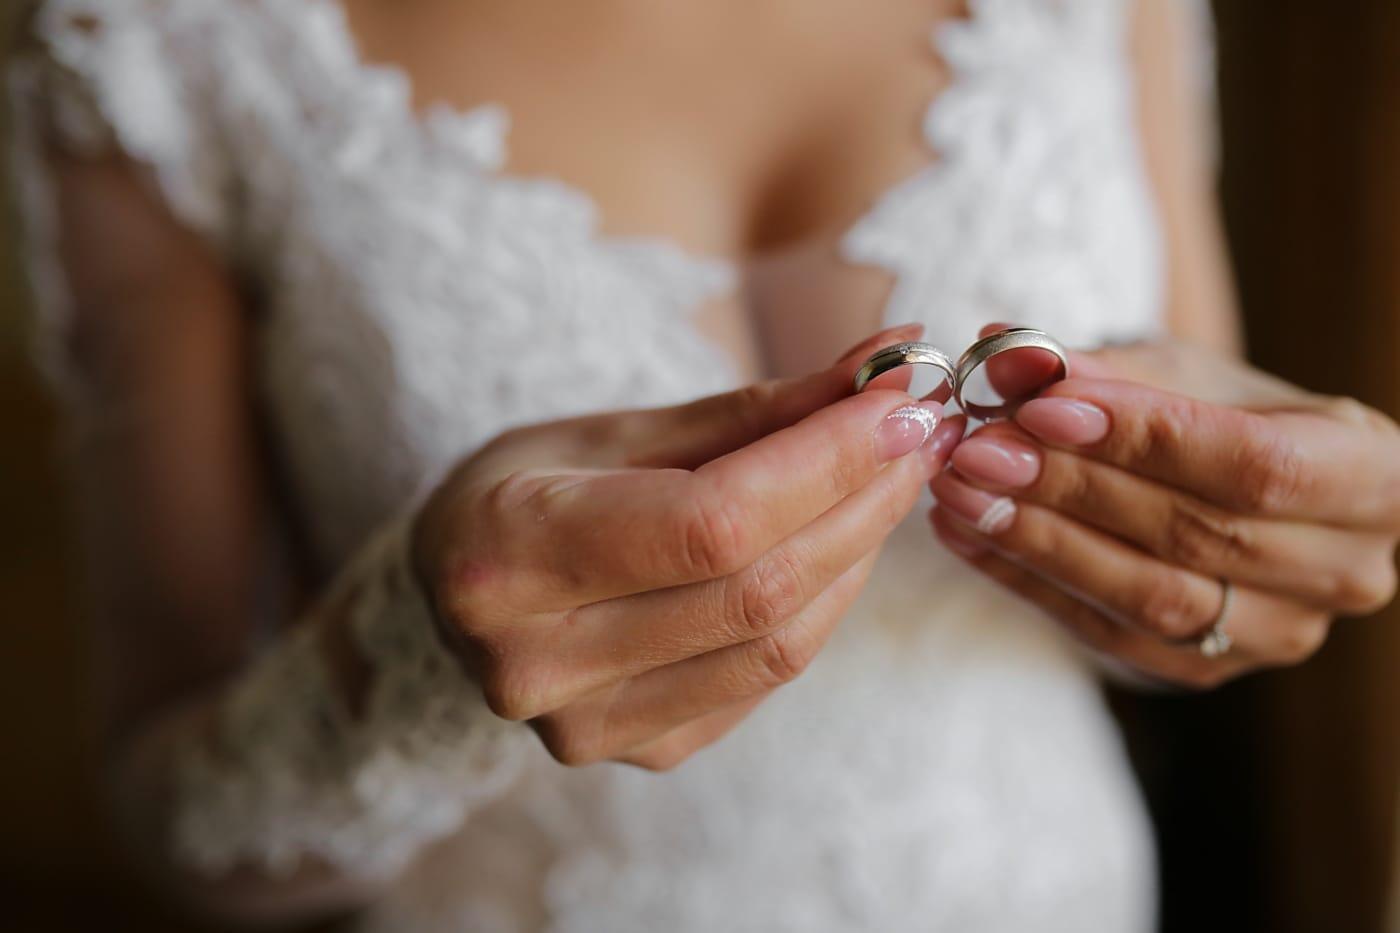 gyllen glød, giftering, manikyr, bruden, hender, kvinne, hånd, fingeren, kjærlighet, engasjement